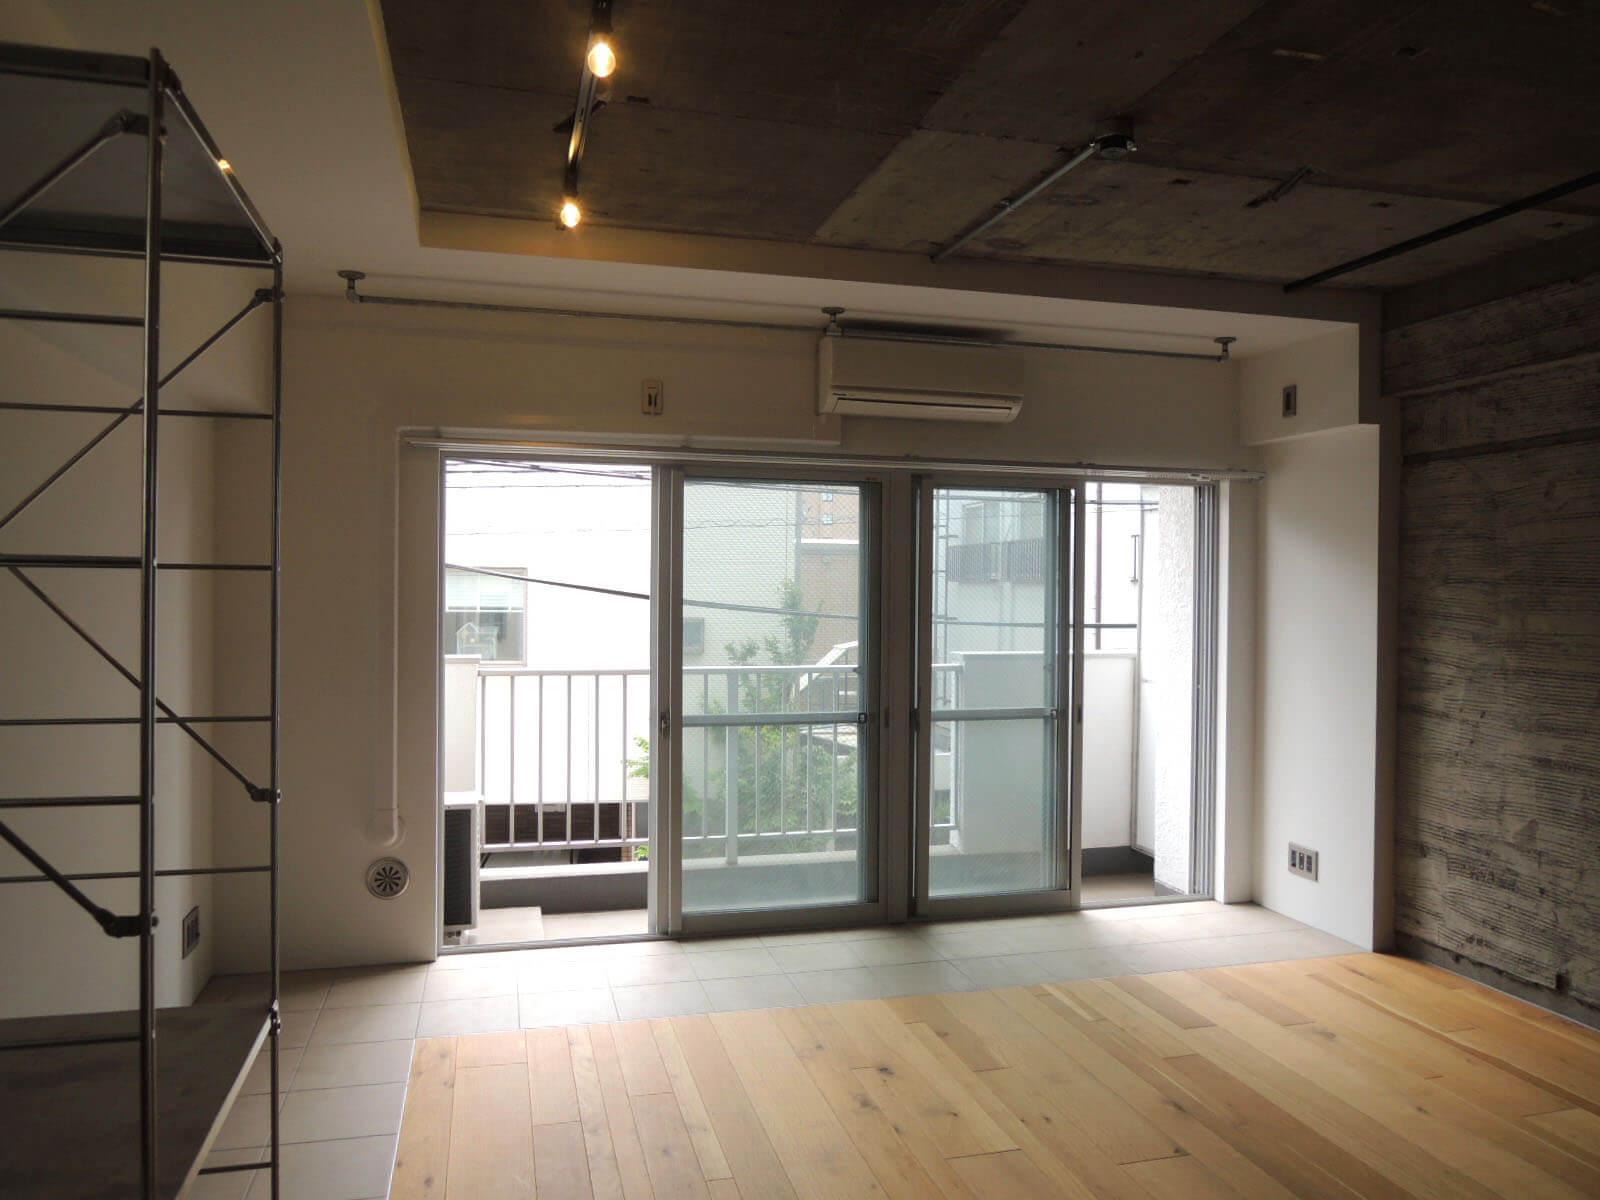 【家】南向きに窓がふたつ、ベッドのほかに壁一面の本棚やテーブルくらいは置けそう